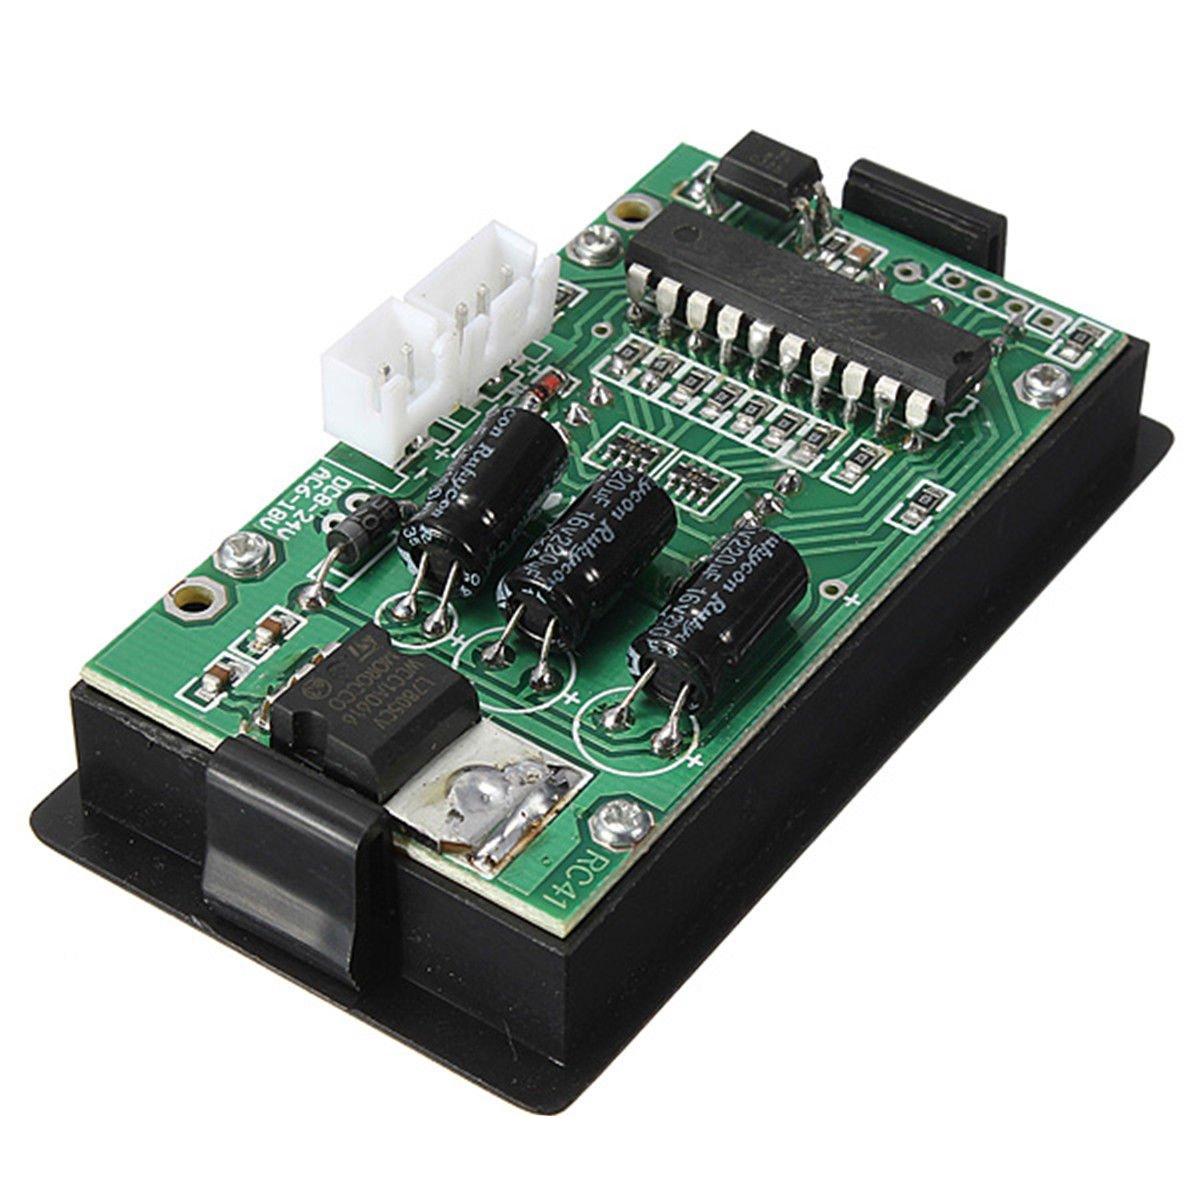 Tacometro - SODIAL(R)LED 4 Digital Tacometro Medidor velocidad RPM Rojo + NPN Sensor interruptor de proximidad de salon